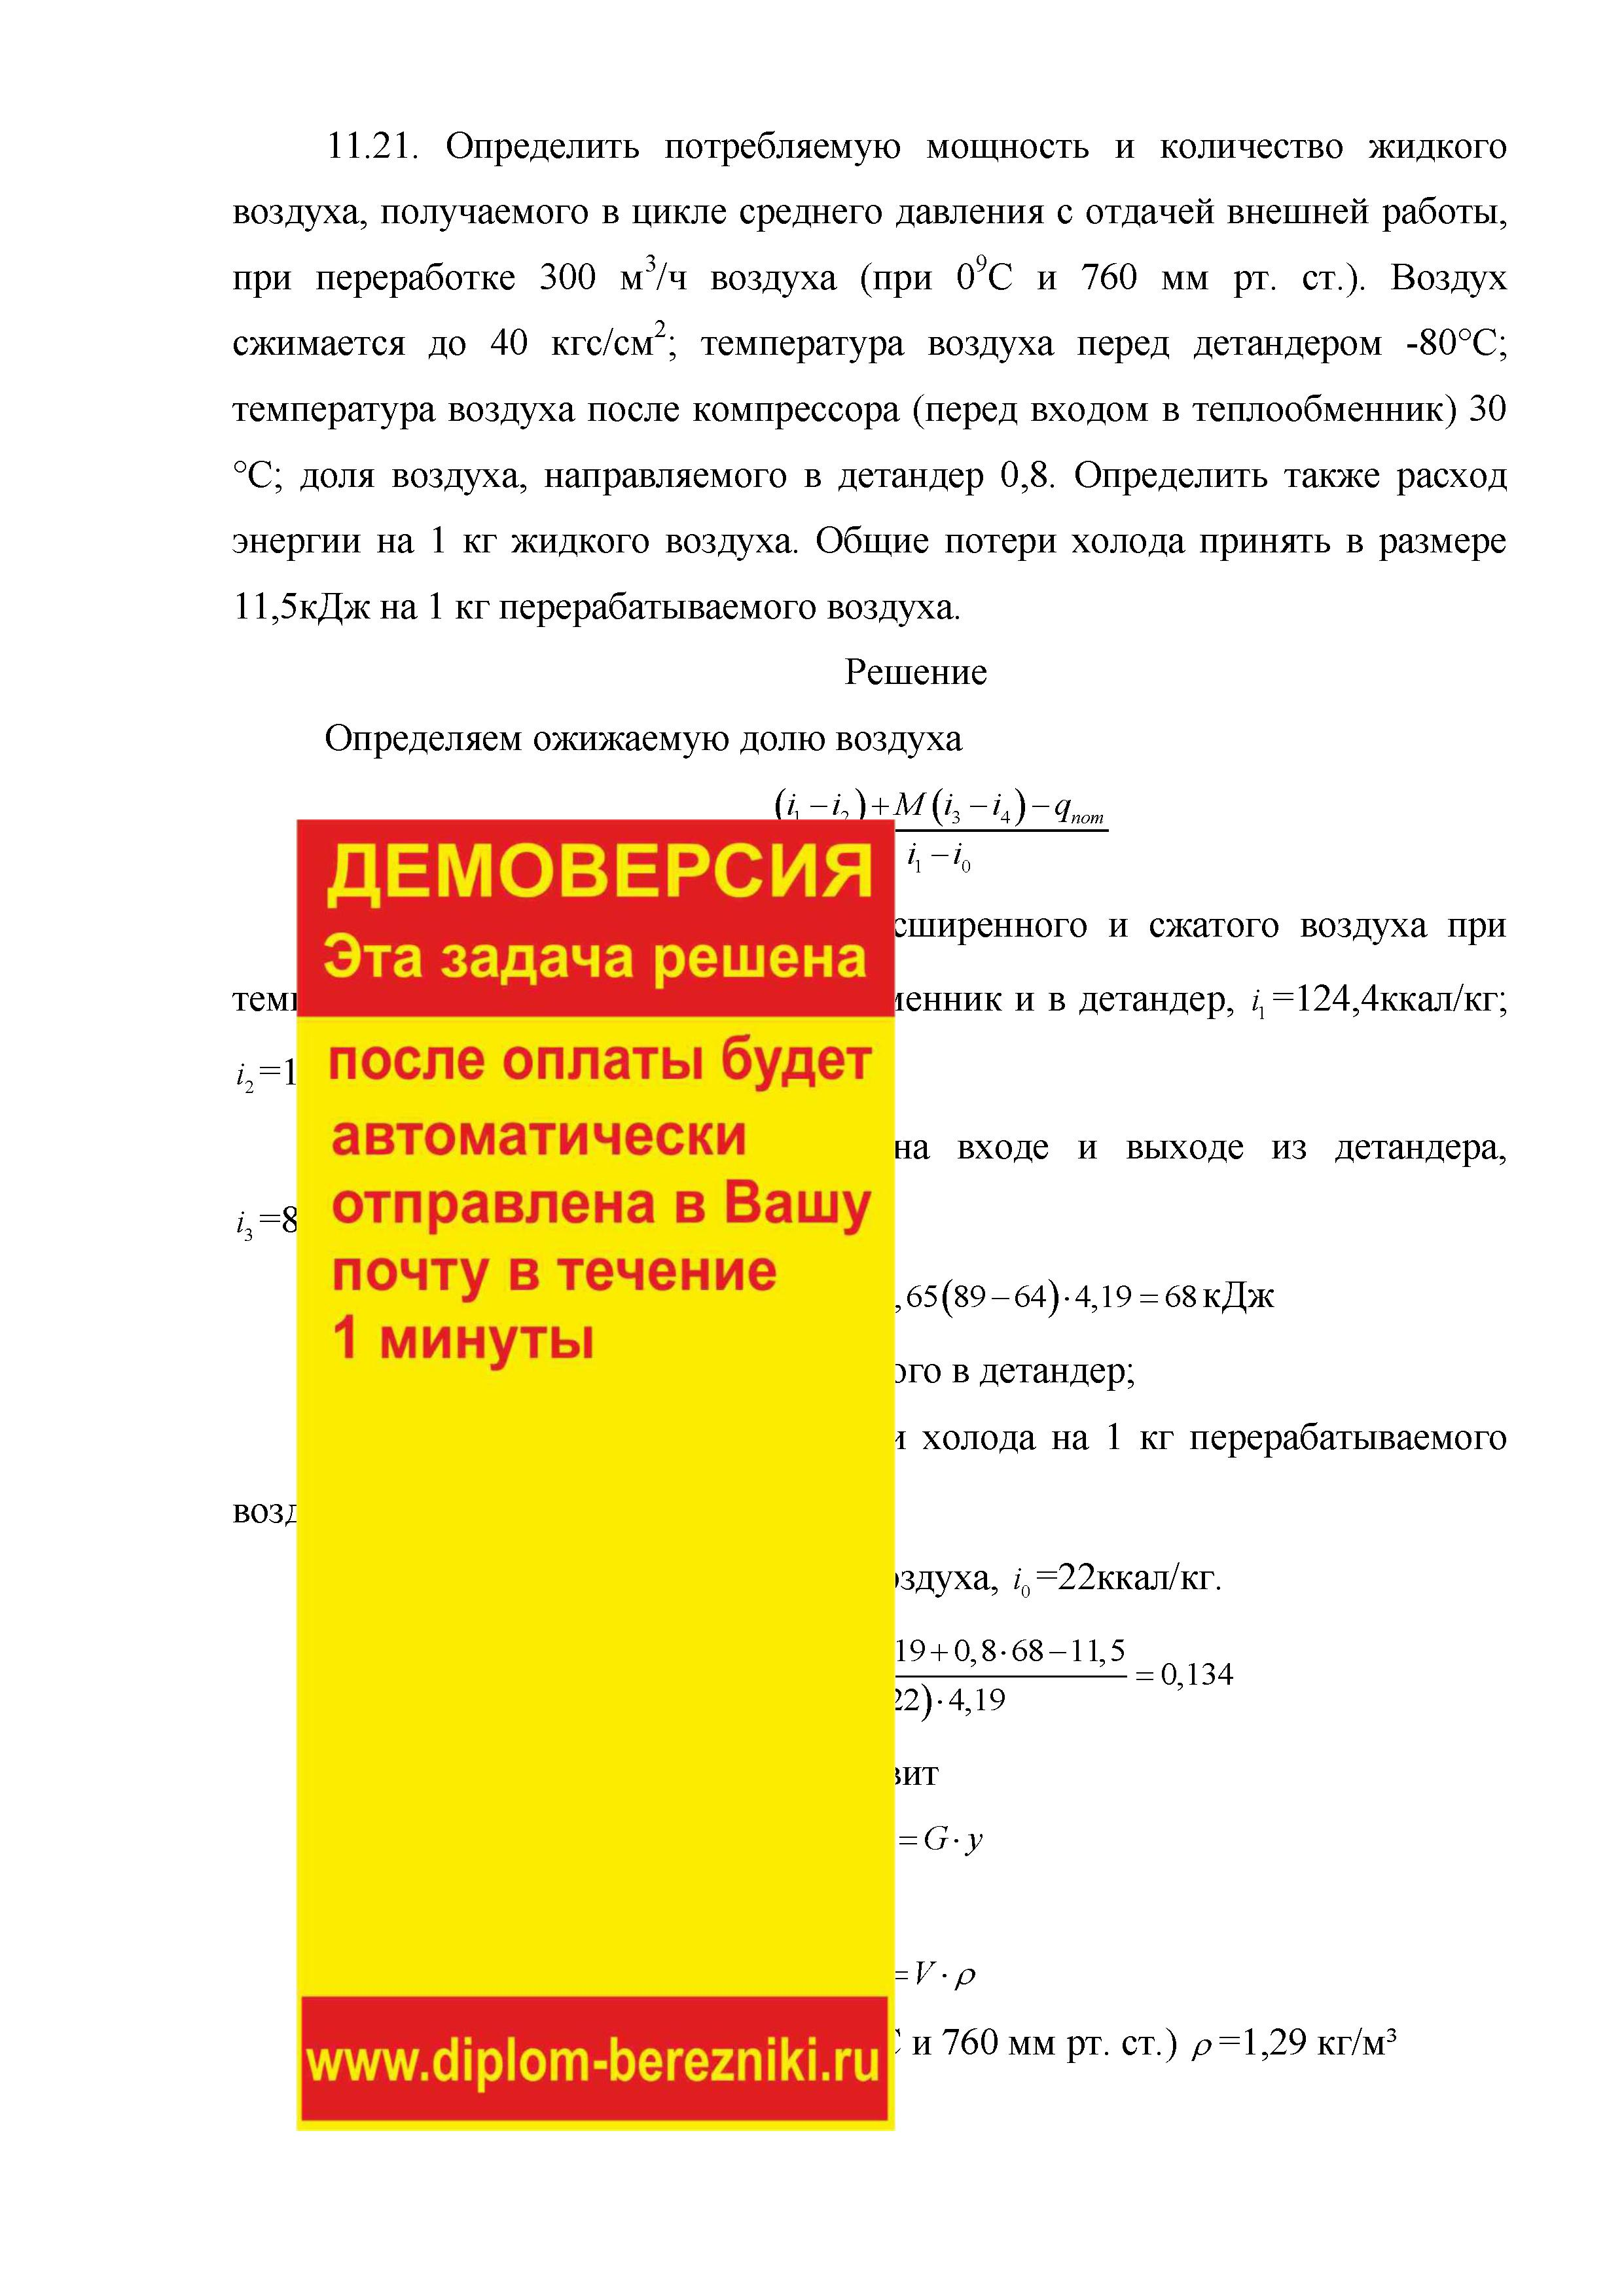 Решение задачи 11.21  по ПАХТ из задачника Павлова Романкова Носкова